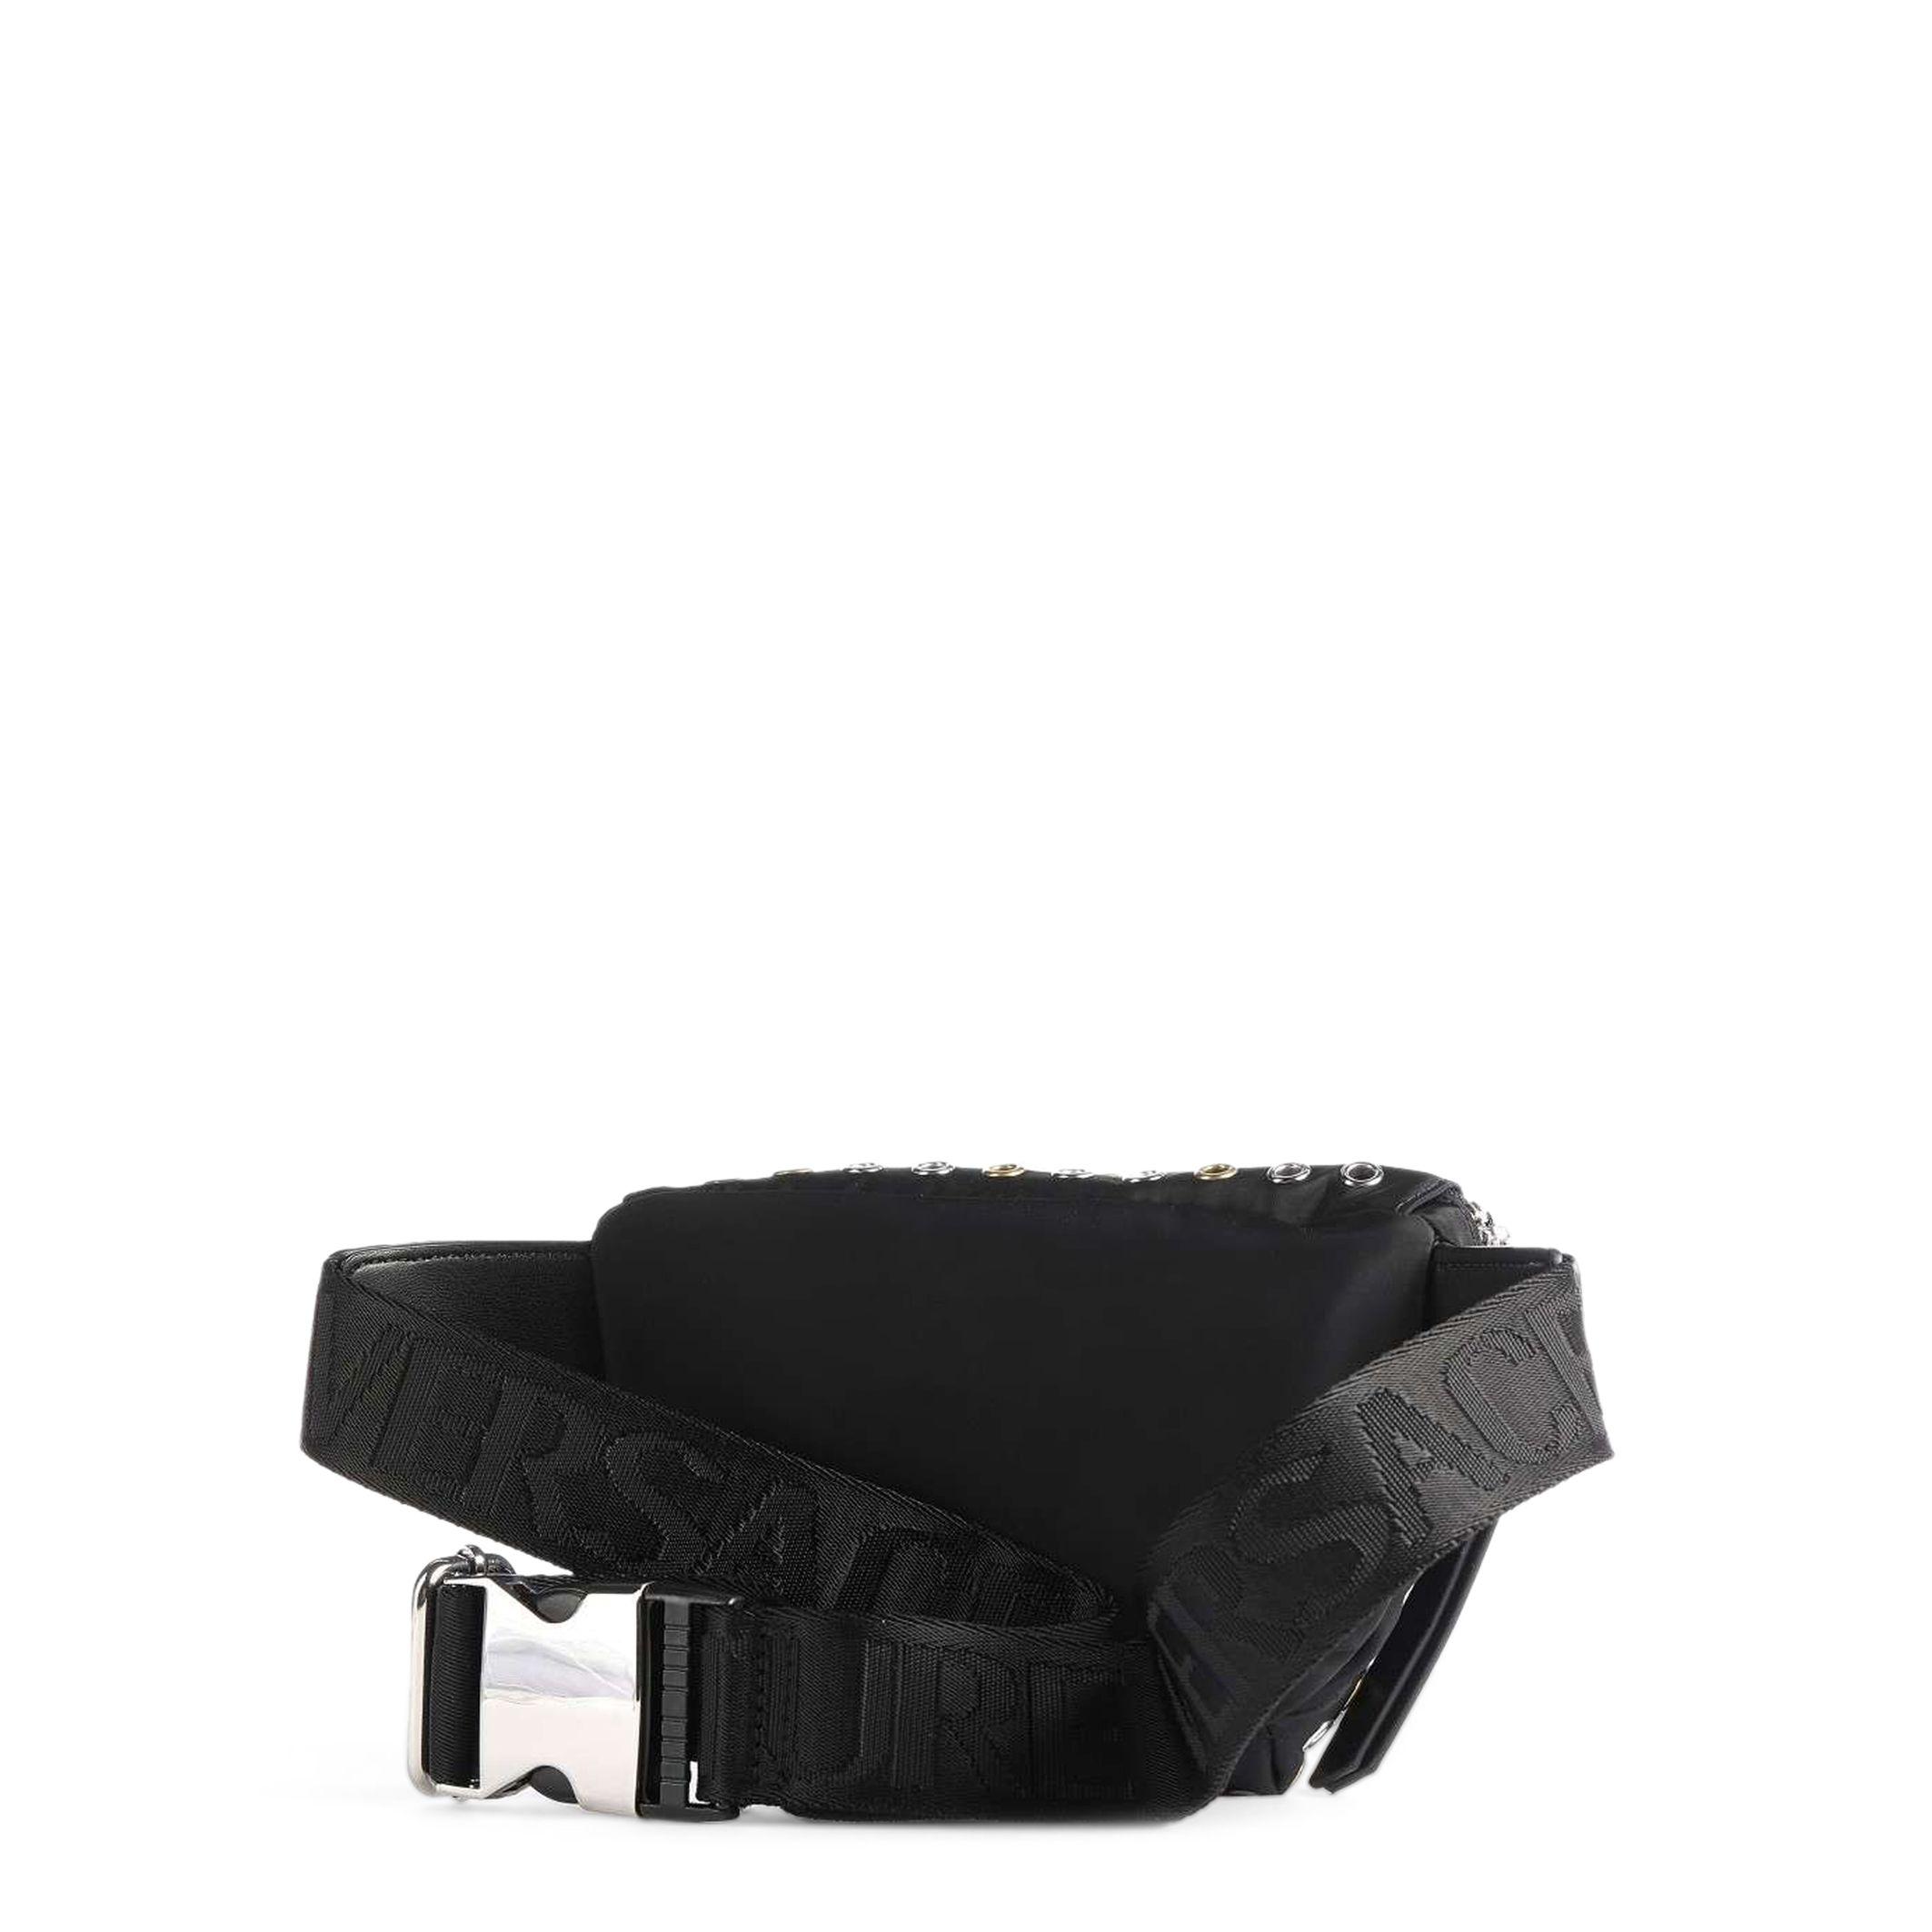 Versace Jeans – E1VWABX5_71886 – Negro